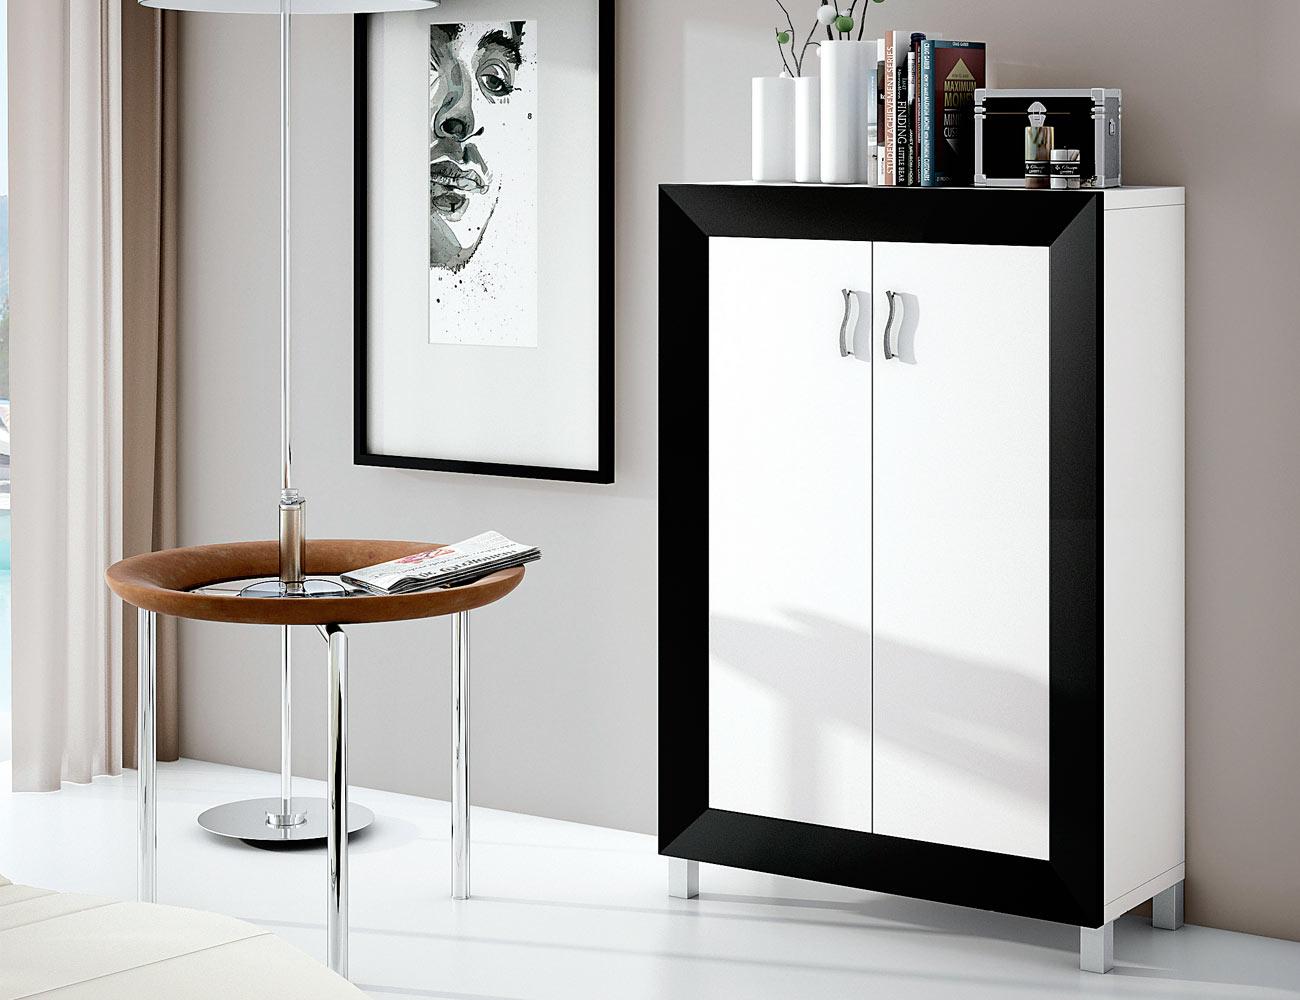 Zapatero 2 puertas abatibles en blanco con negro 5415 factory del mueble utrera - Muebles utrera ...